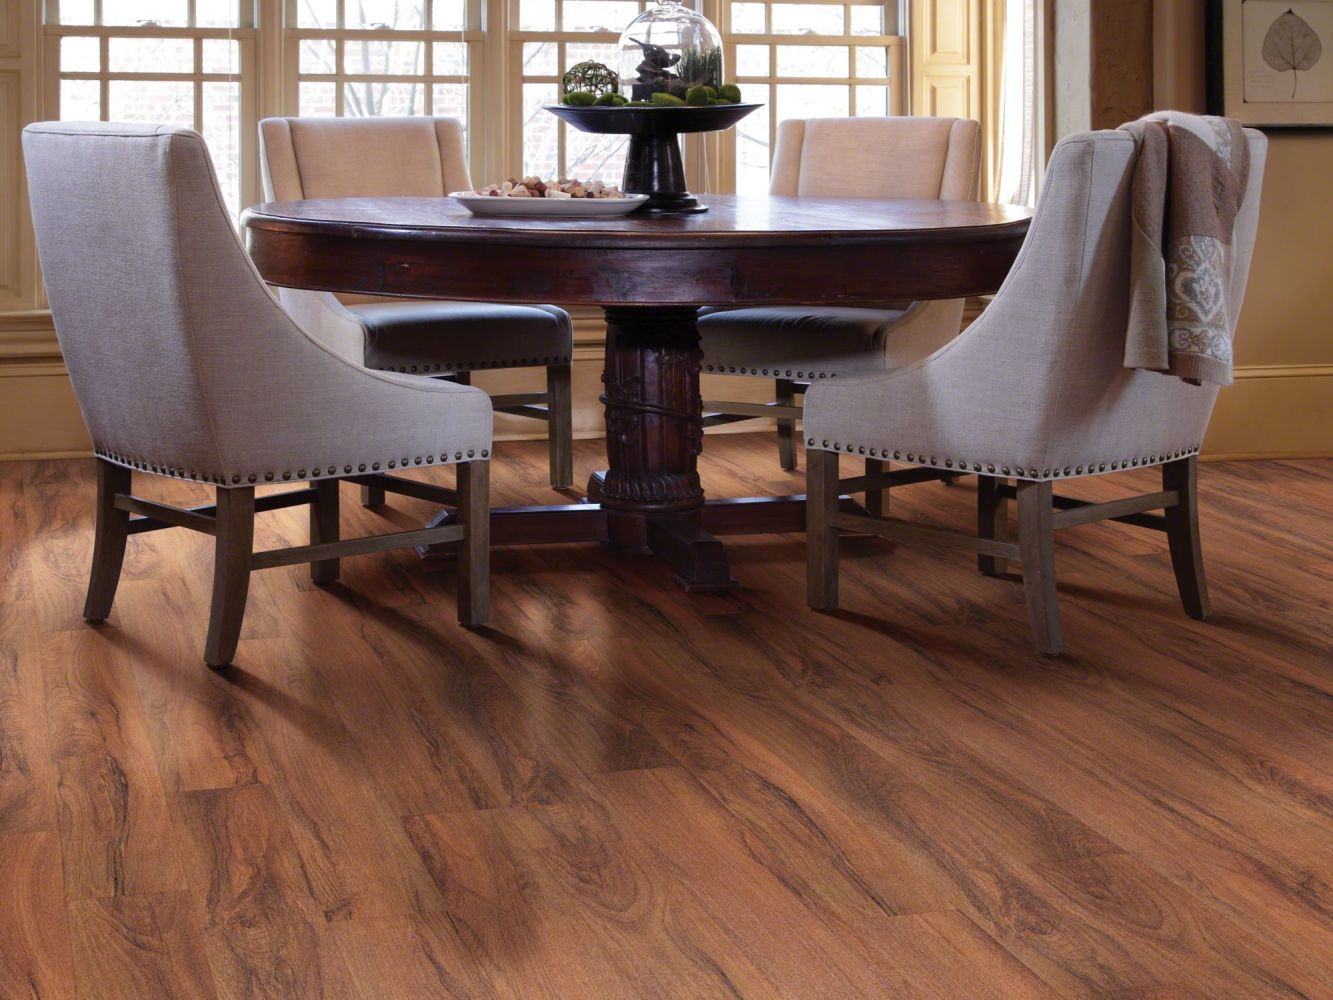 Shaw Floors Resilient Residential World's Fair 6mil St. Louis 00618_0318V